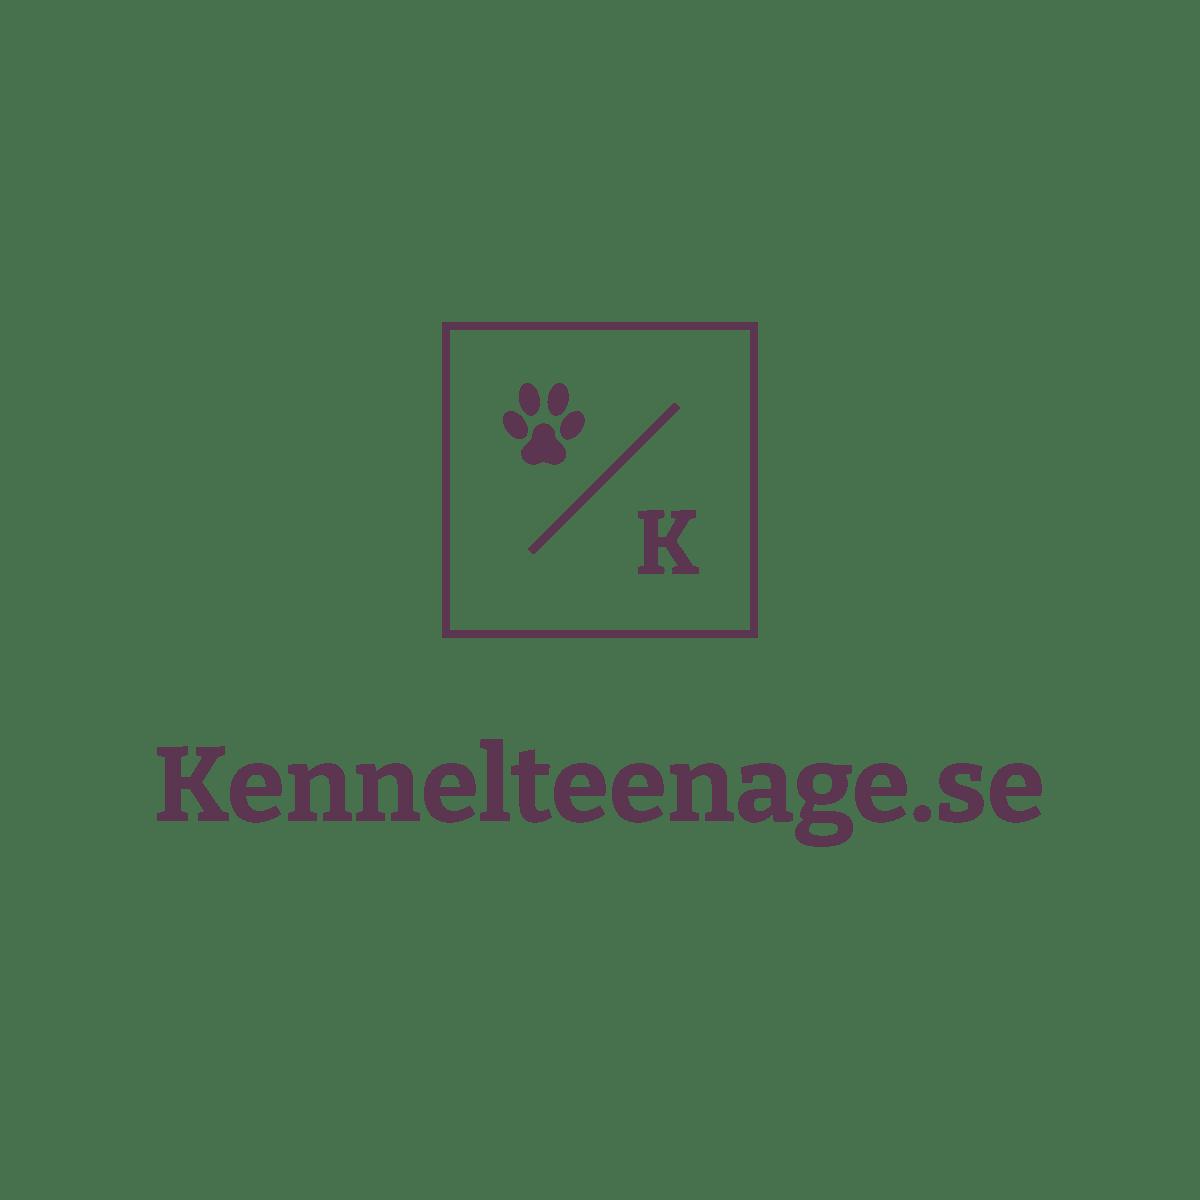 Kennelteenage.se